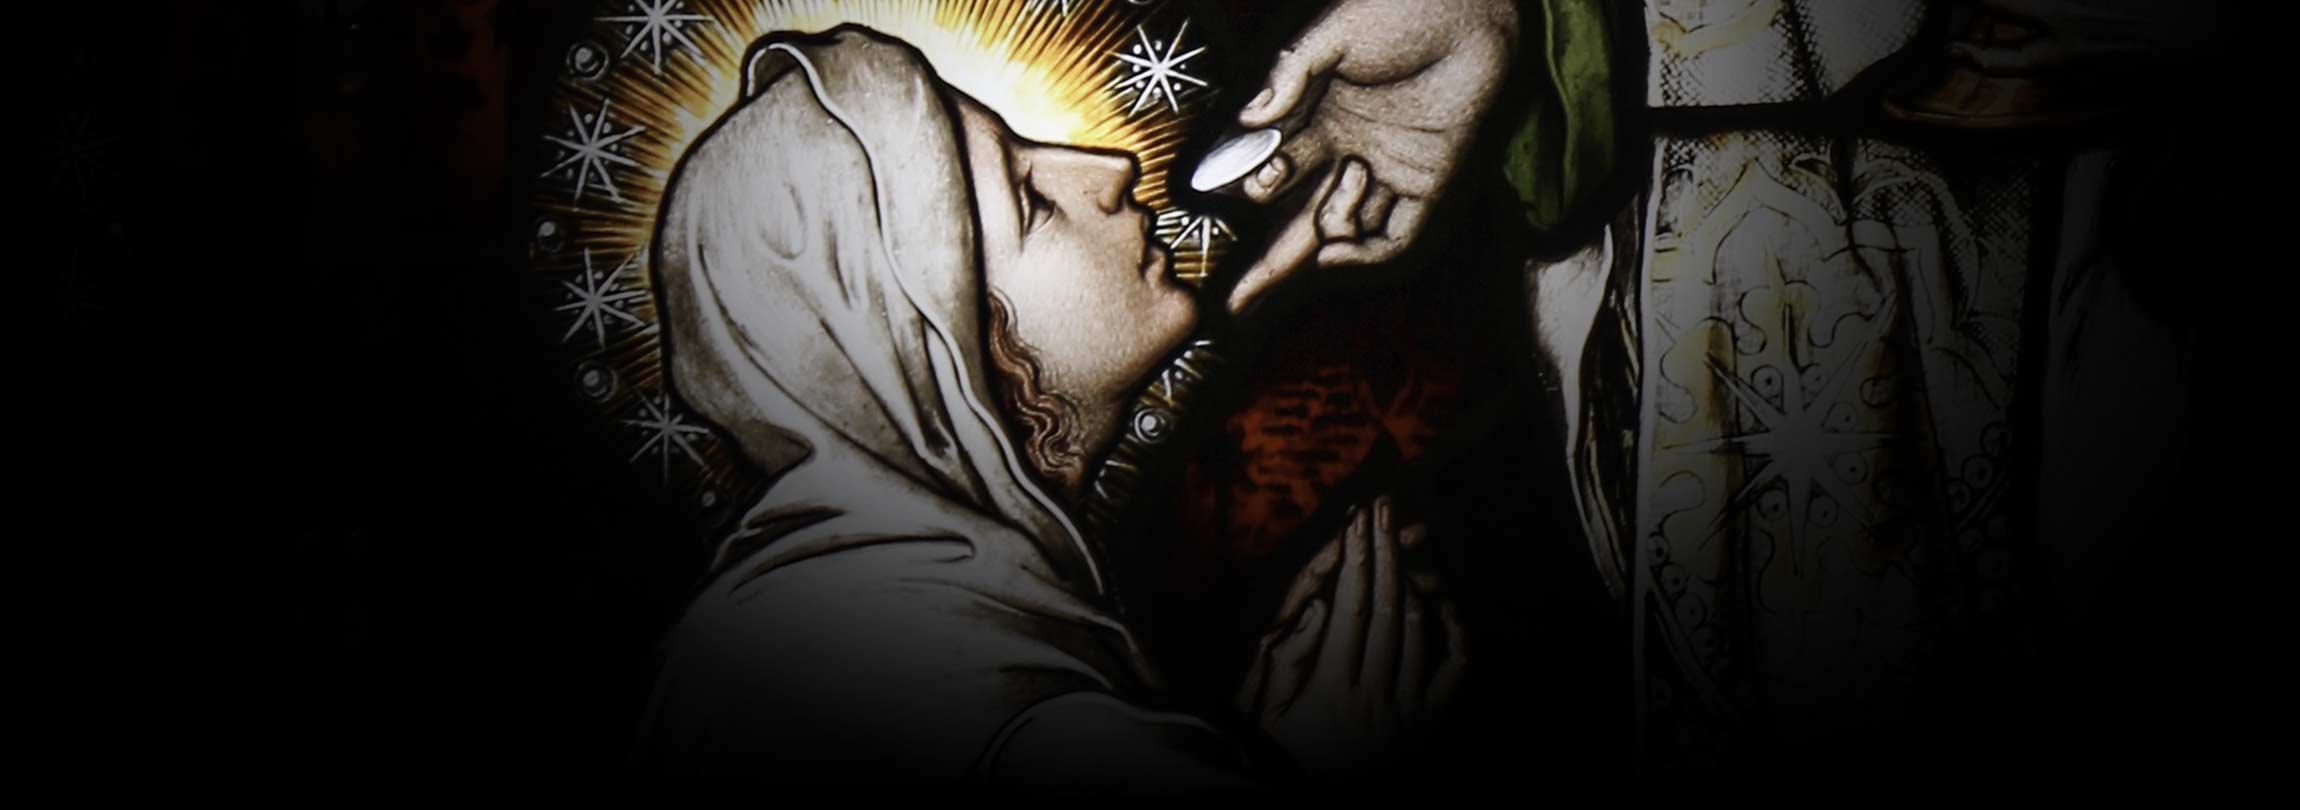 Por que os católicos ainda devem jejuar antes de comungar?